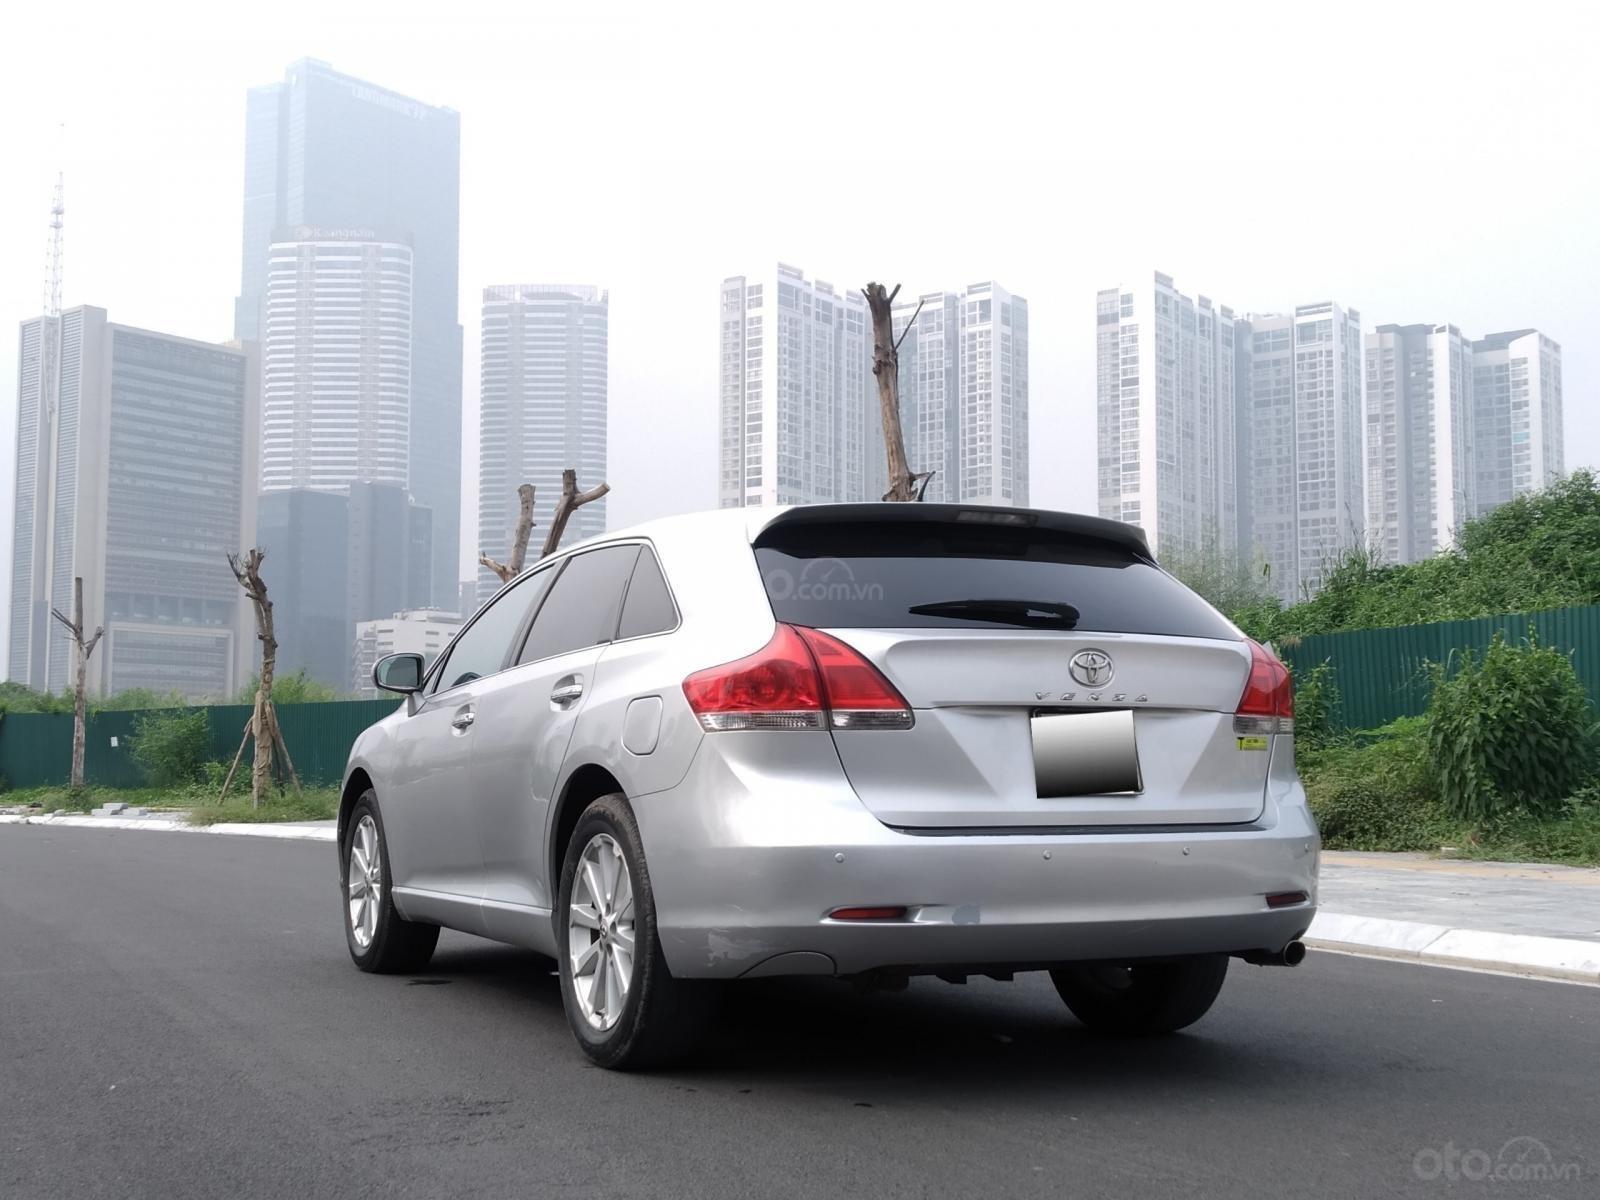 Toyota Venza 2009 nhập khẩu, xe đẹp khó tìm (5)